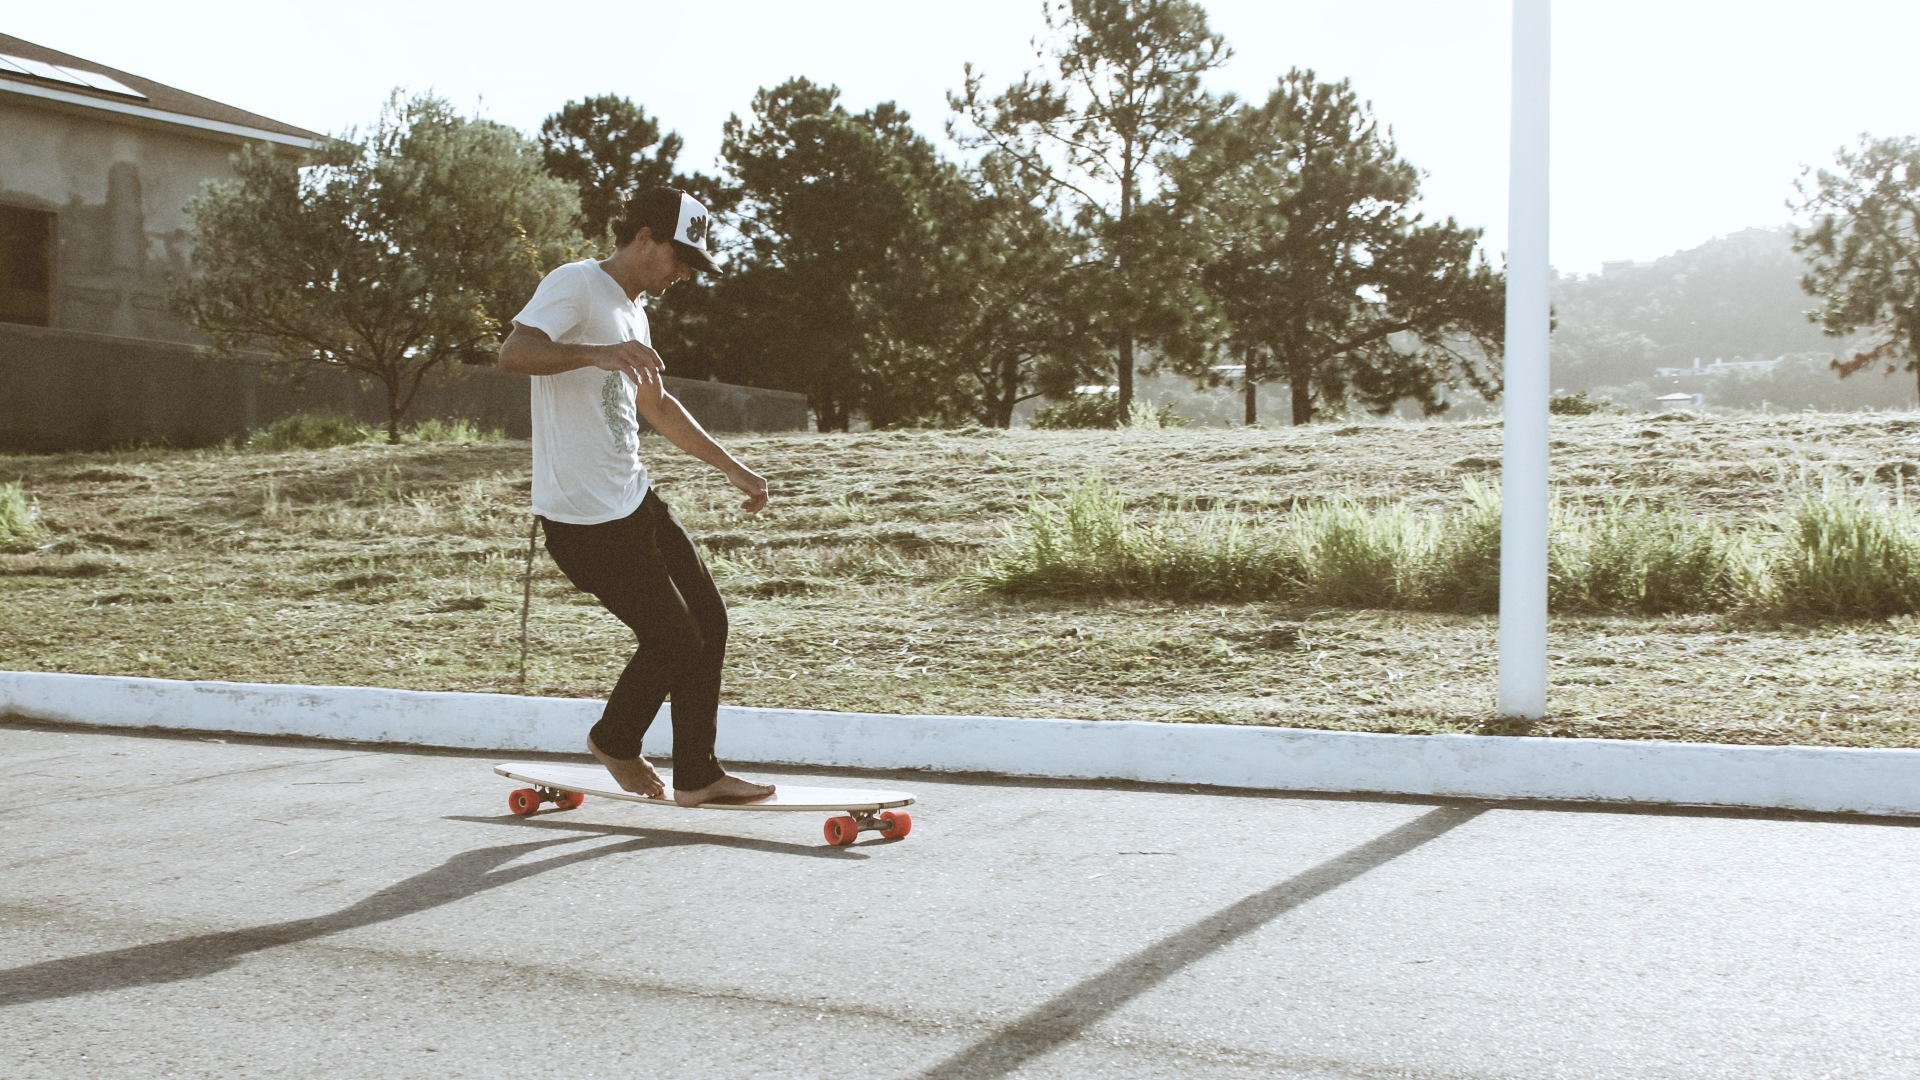 Felipe-skate-longboard-60-siebert-surfboards